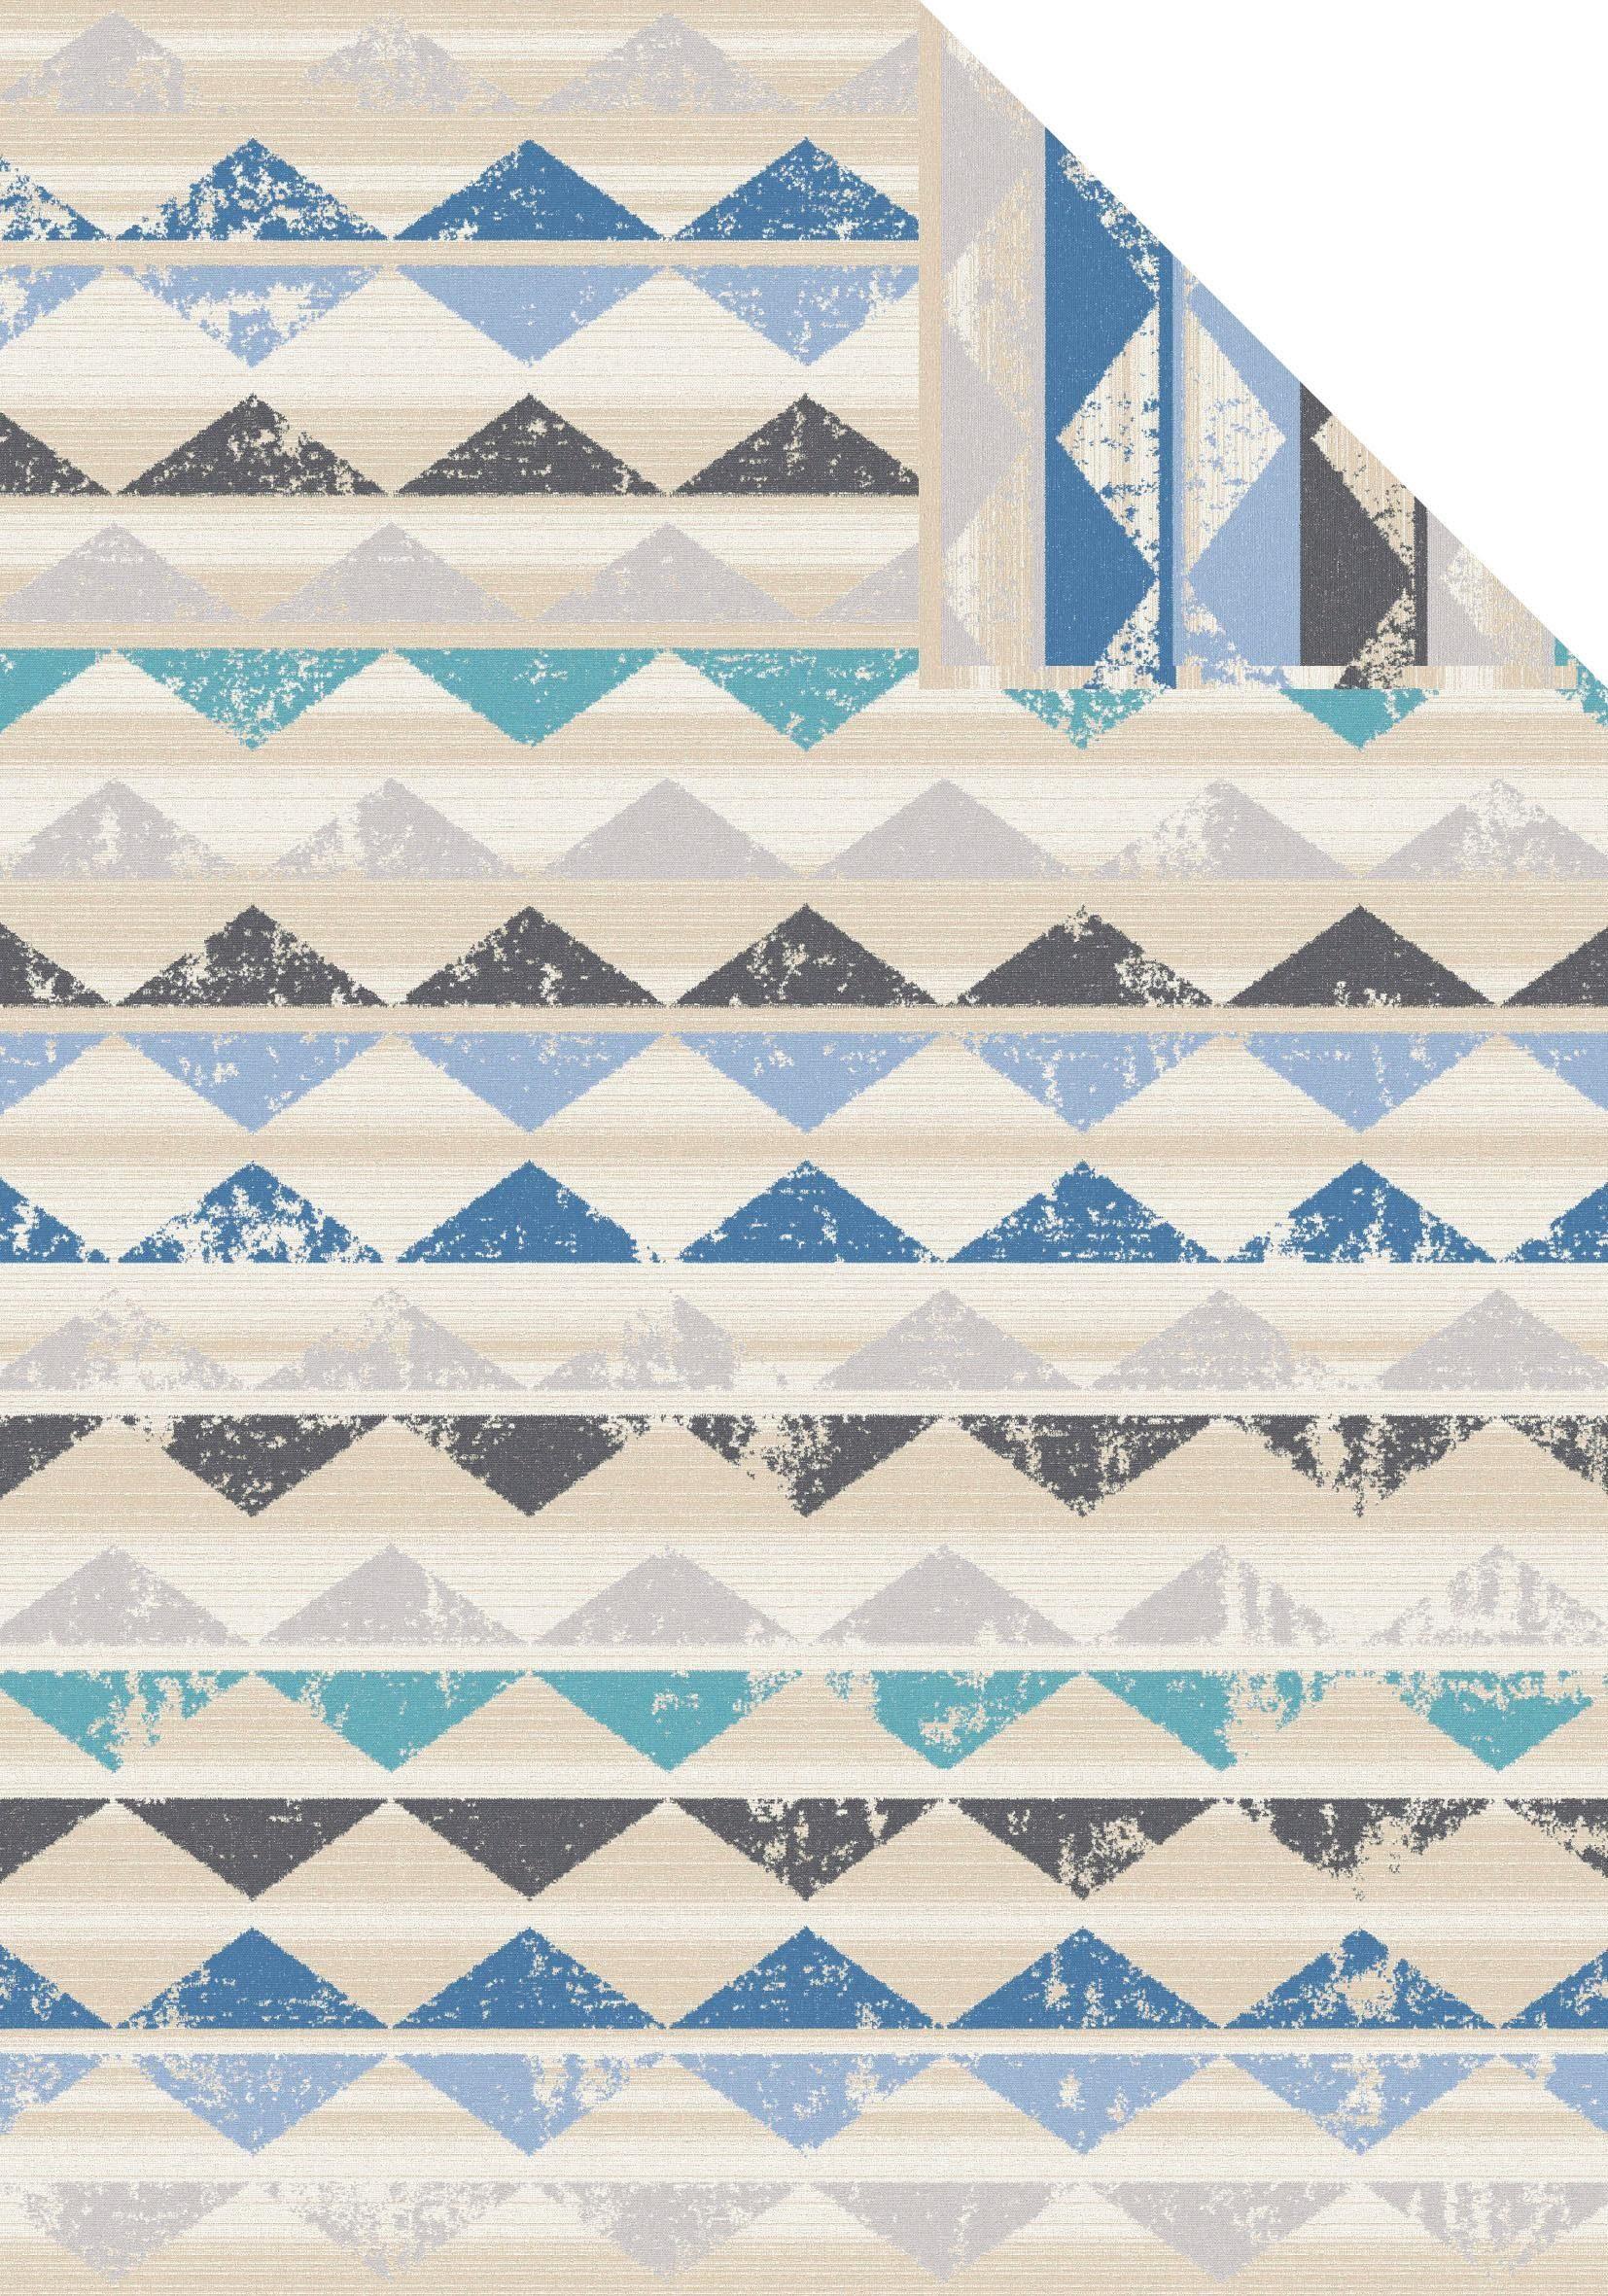 Wohndecke »Zandvoort«, IBENA, mit modernem Muster